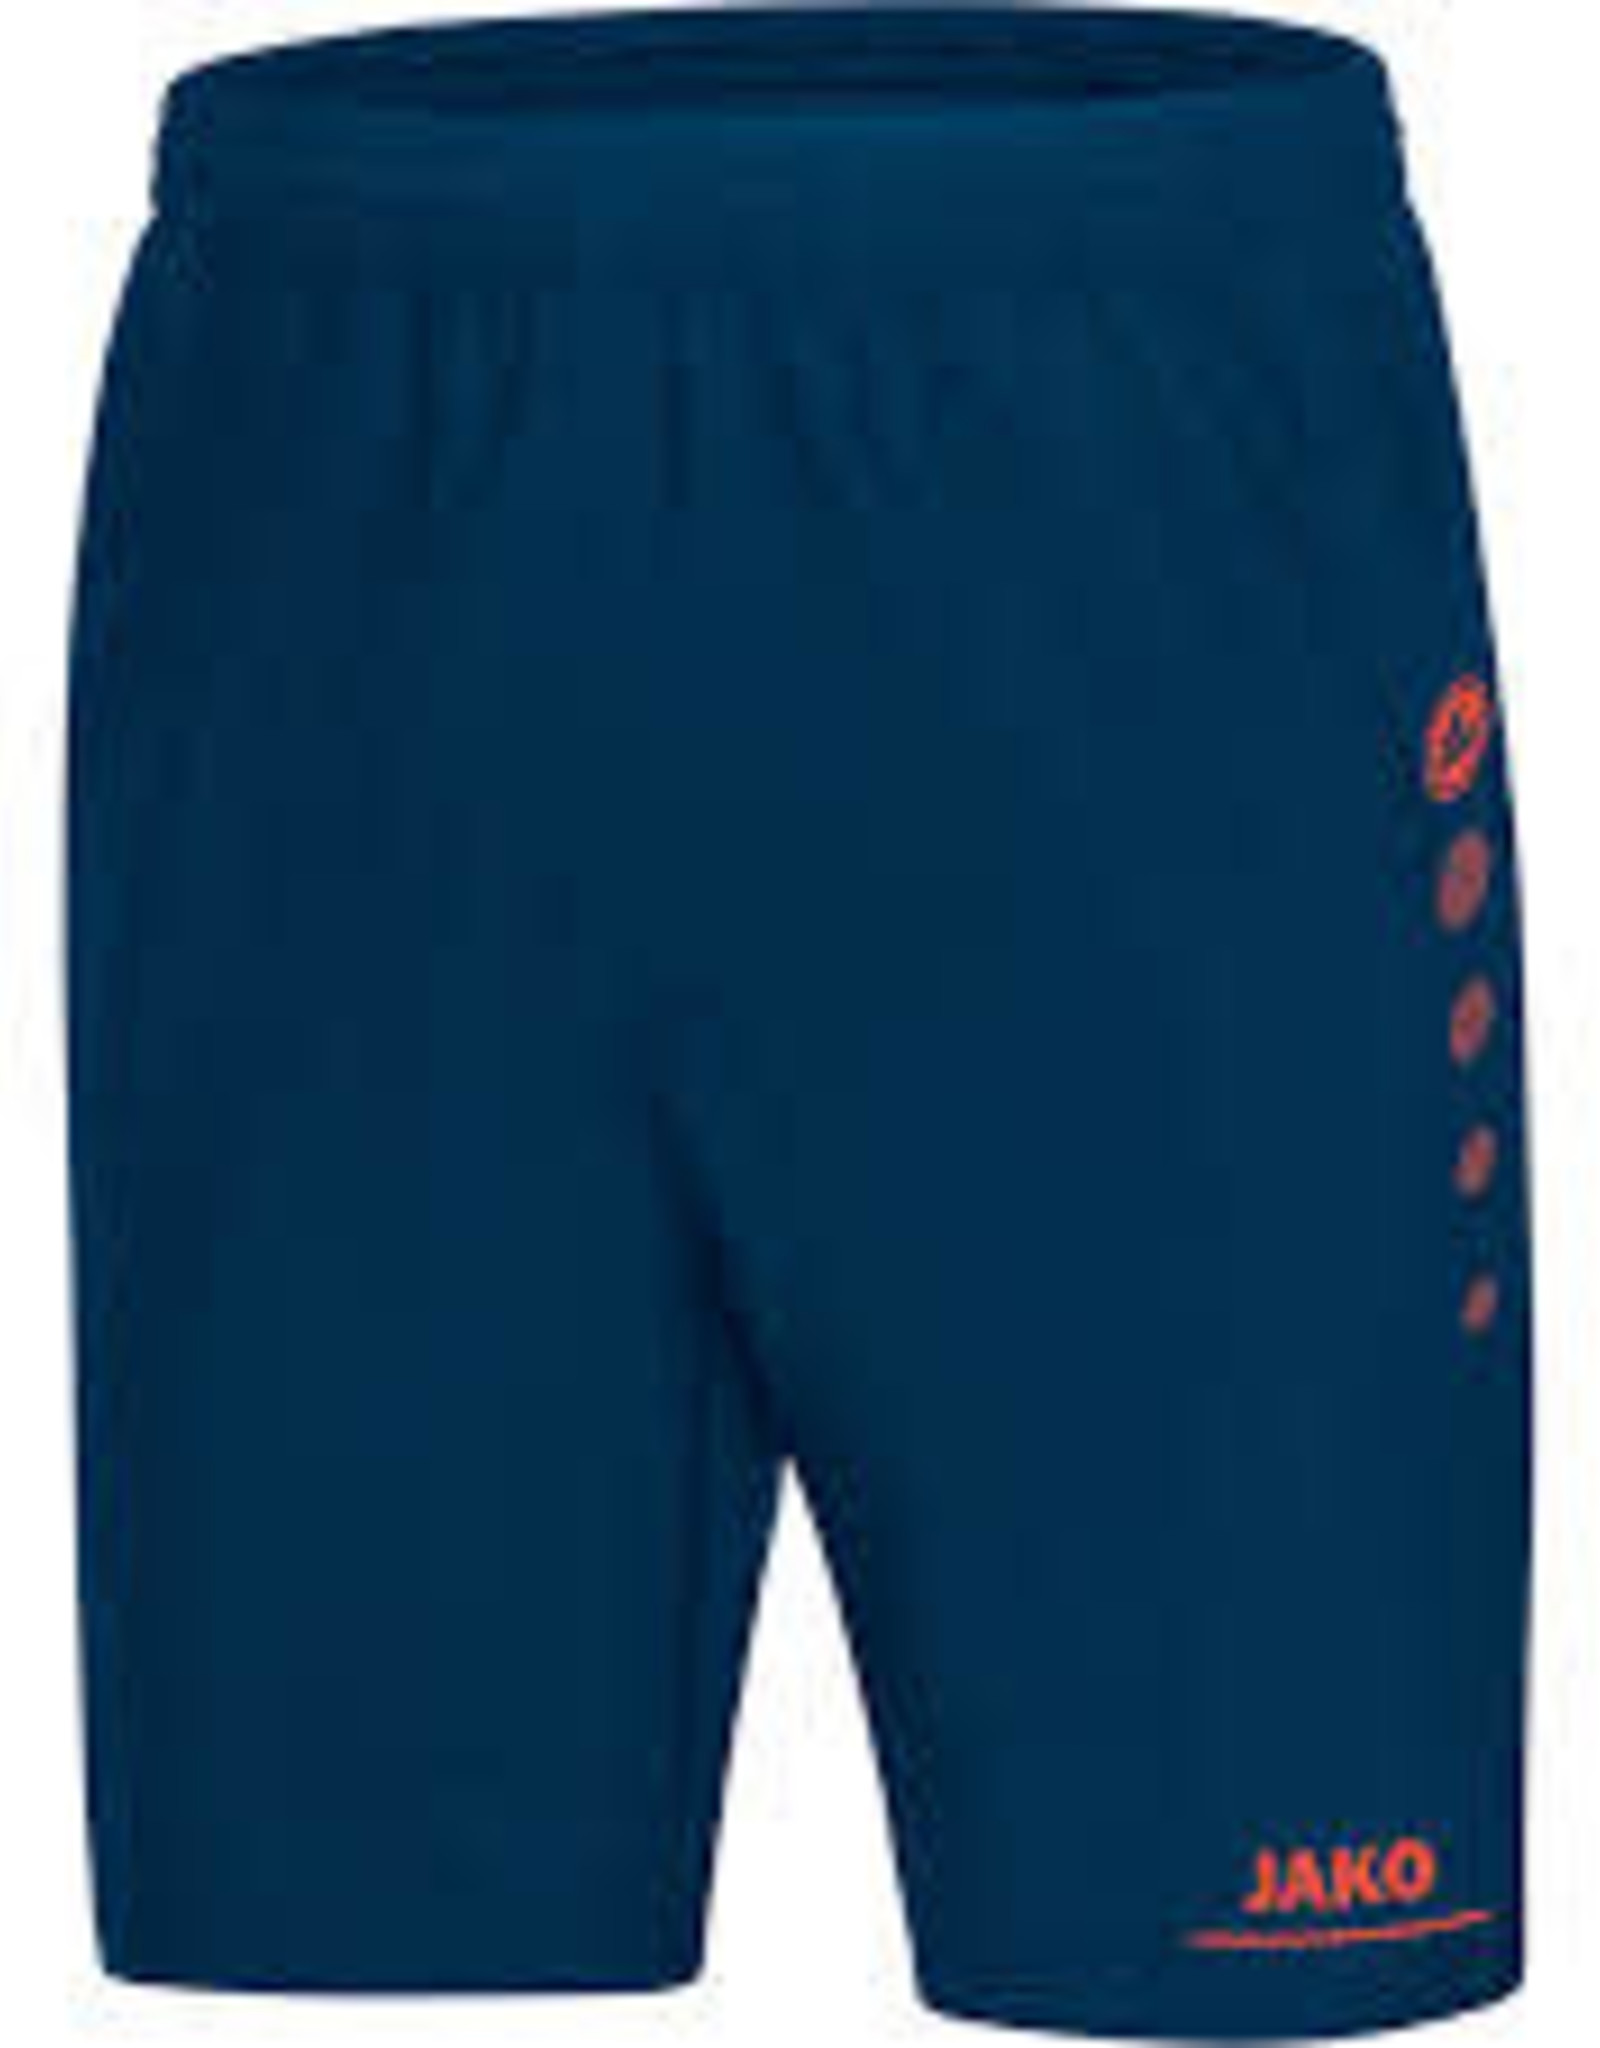 Short striker blauw/flame 140